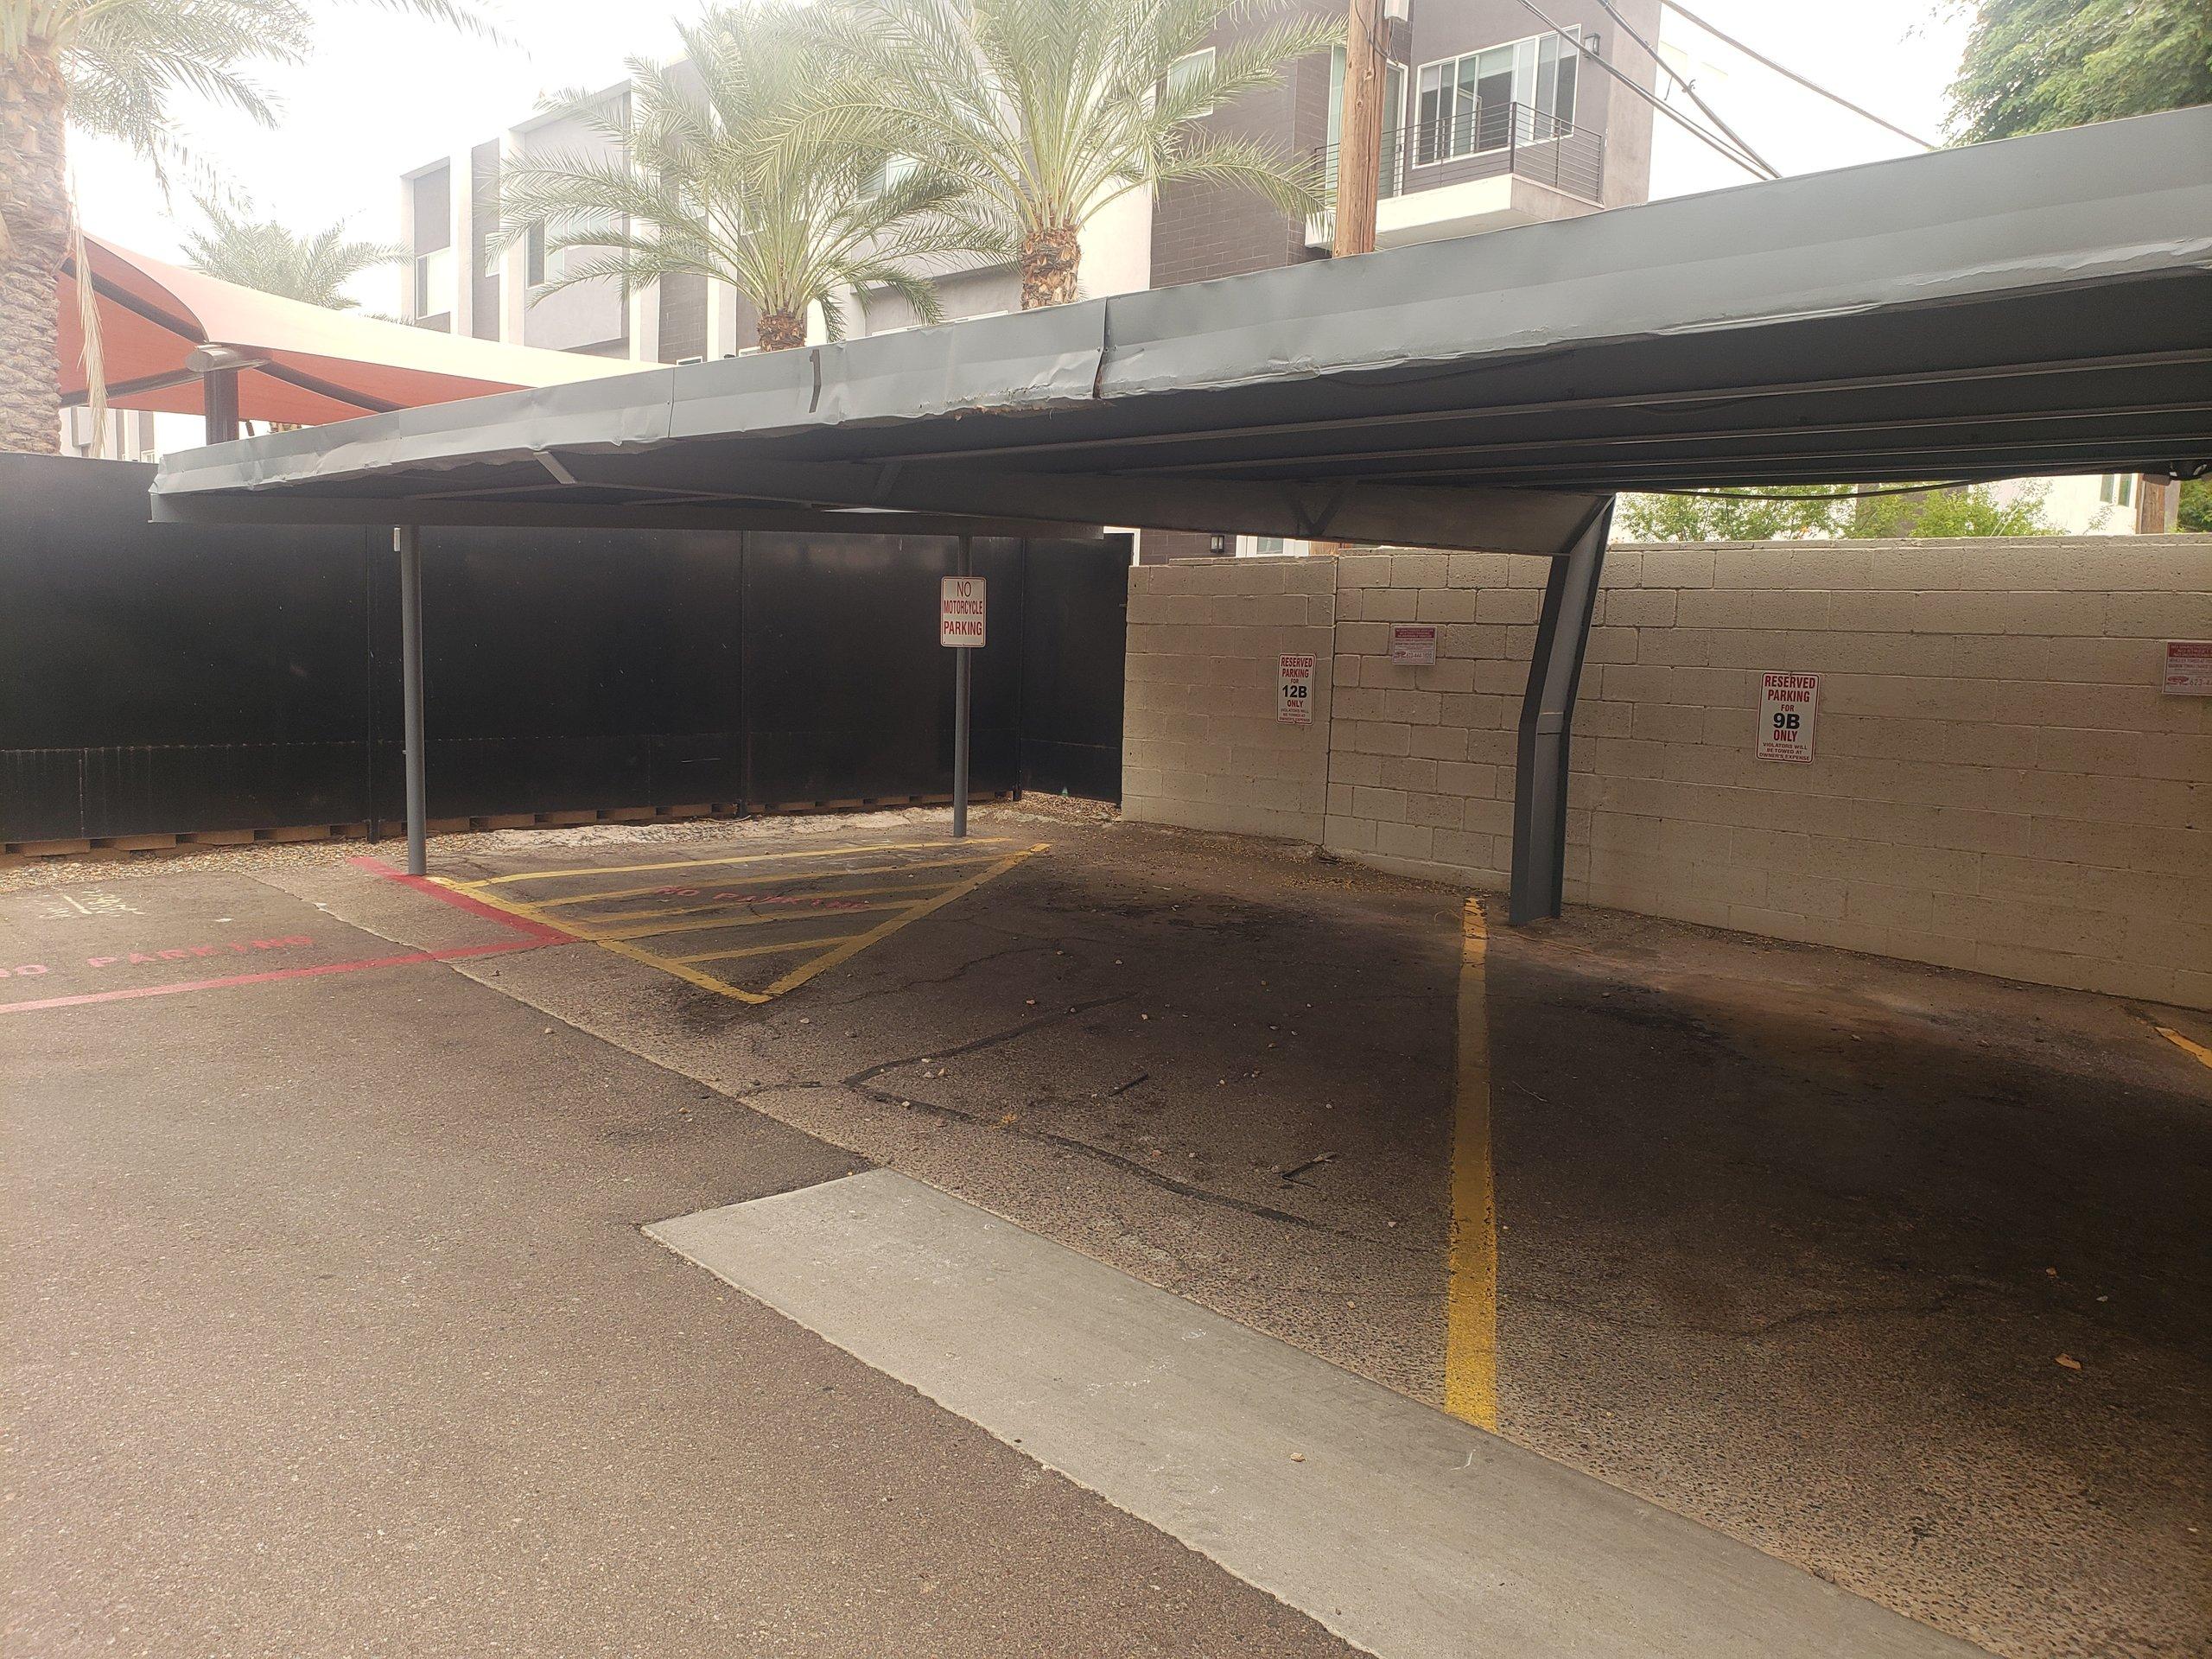 12x6 Carport self storage unit